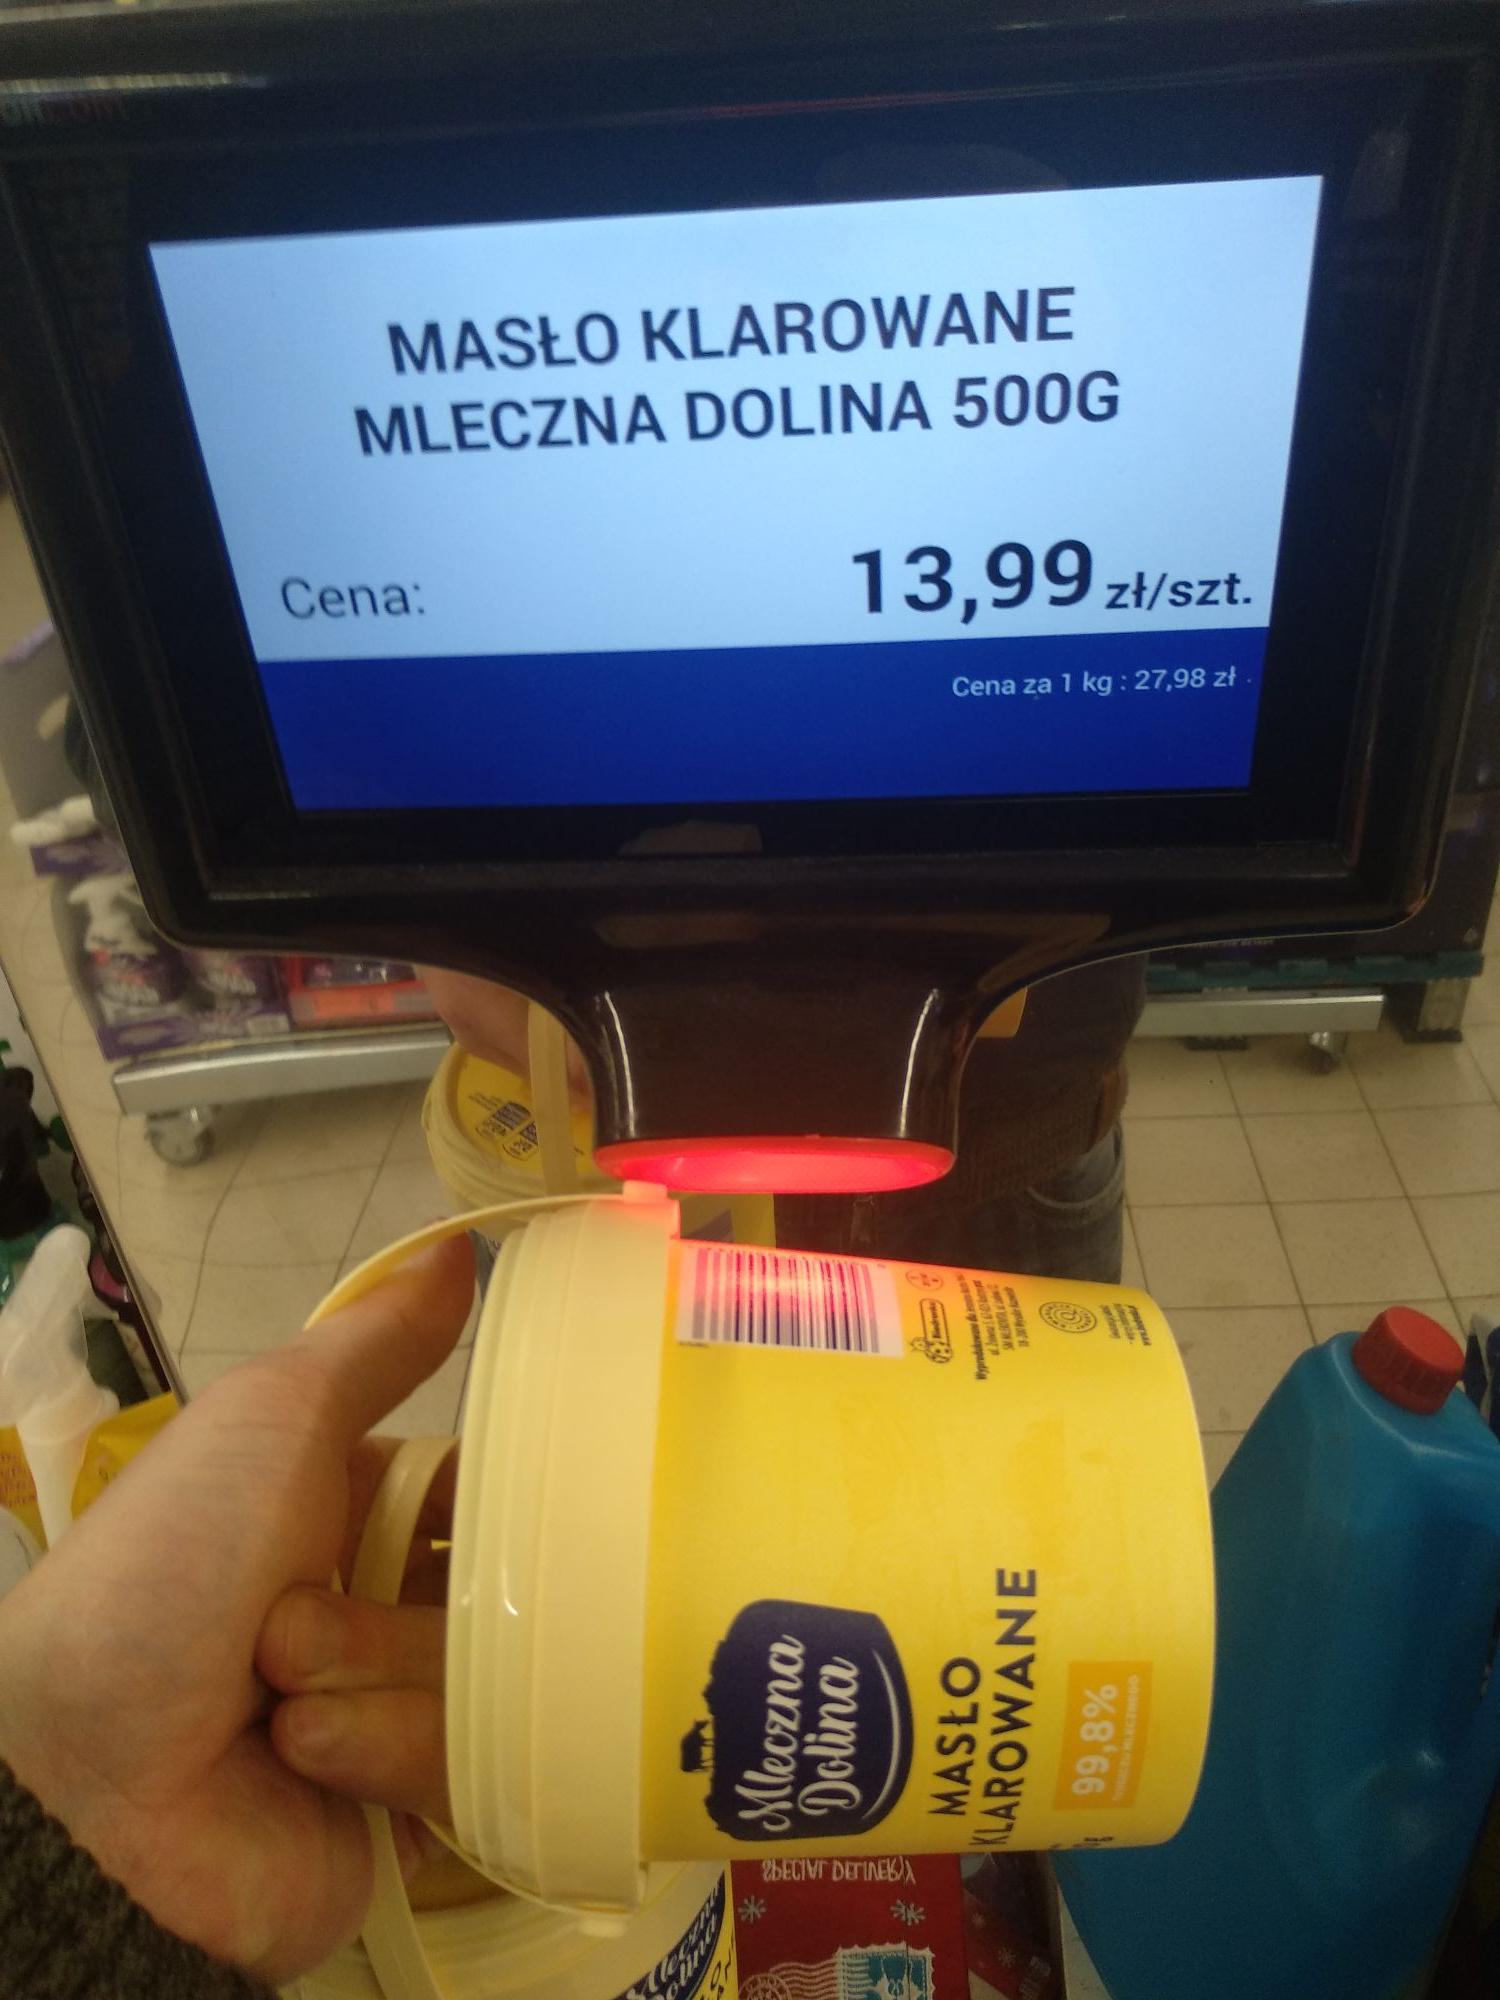 Biedronka - maslo klarowane mleczna dolina (mlekowita)